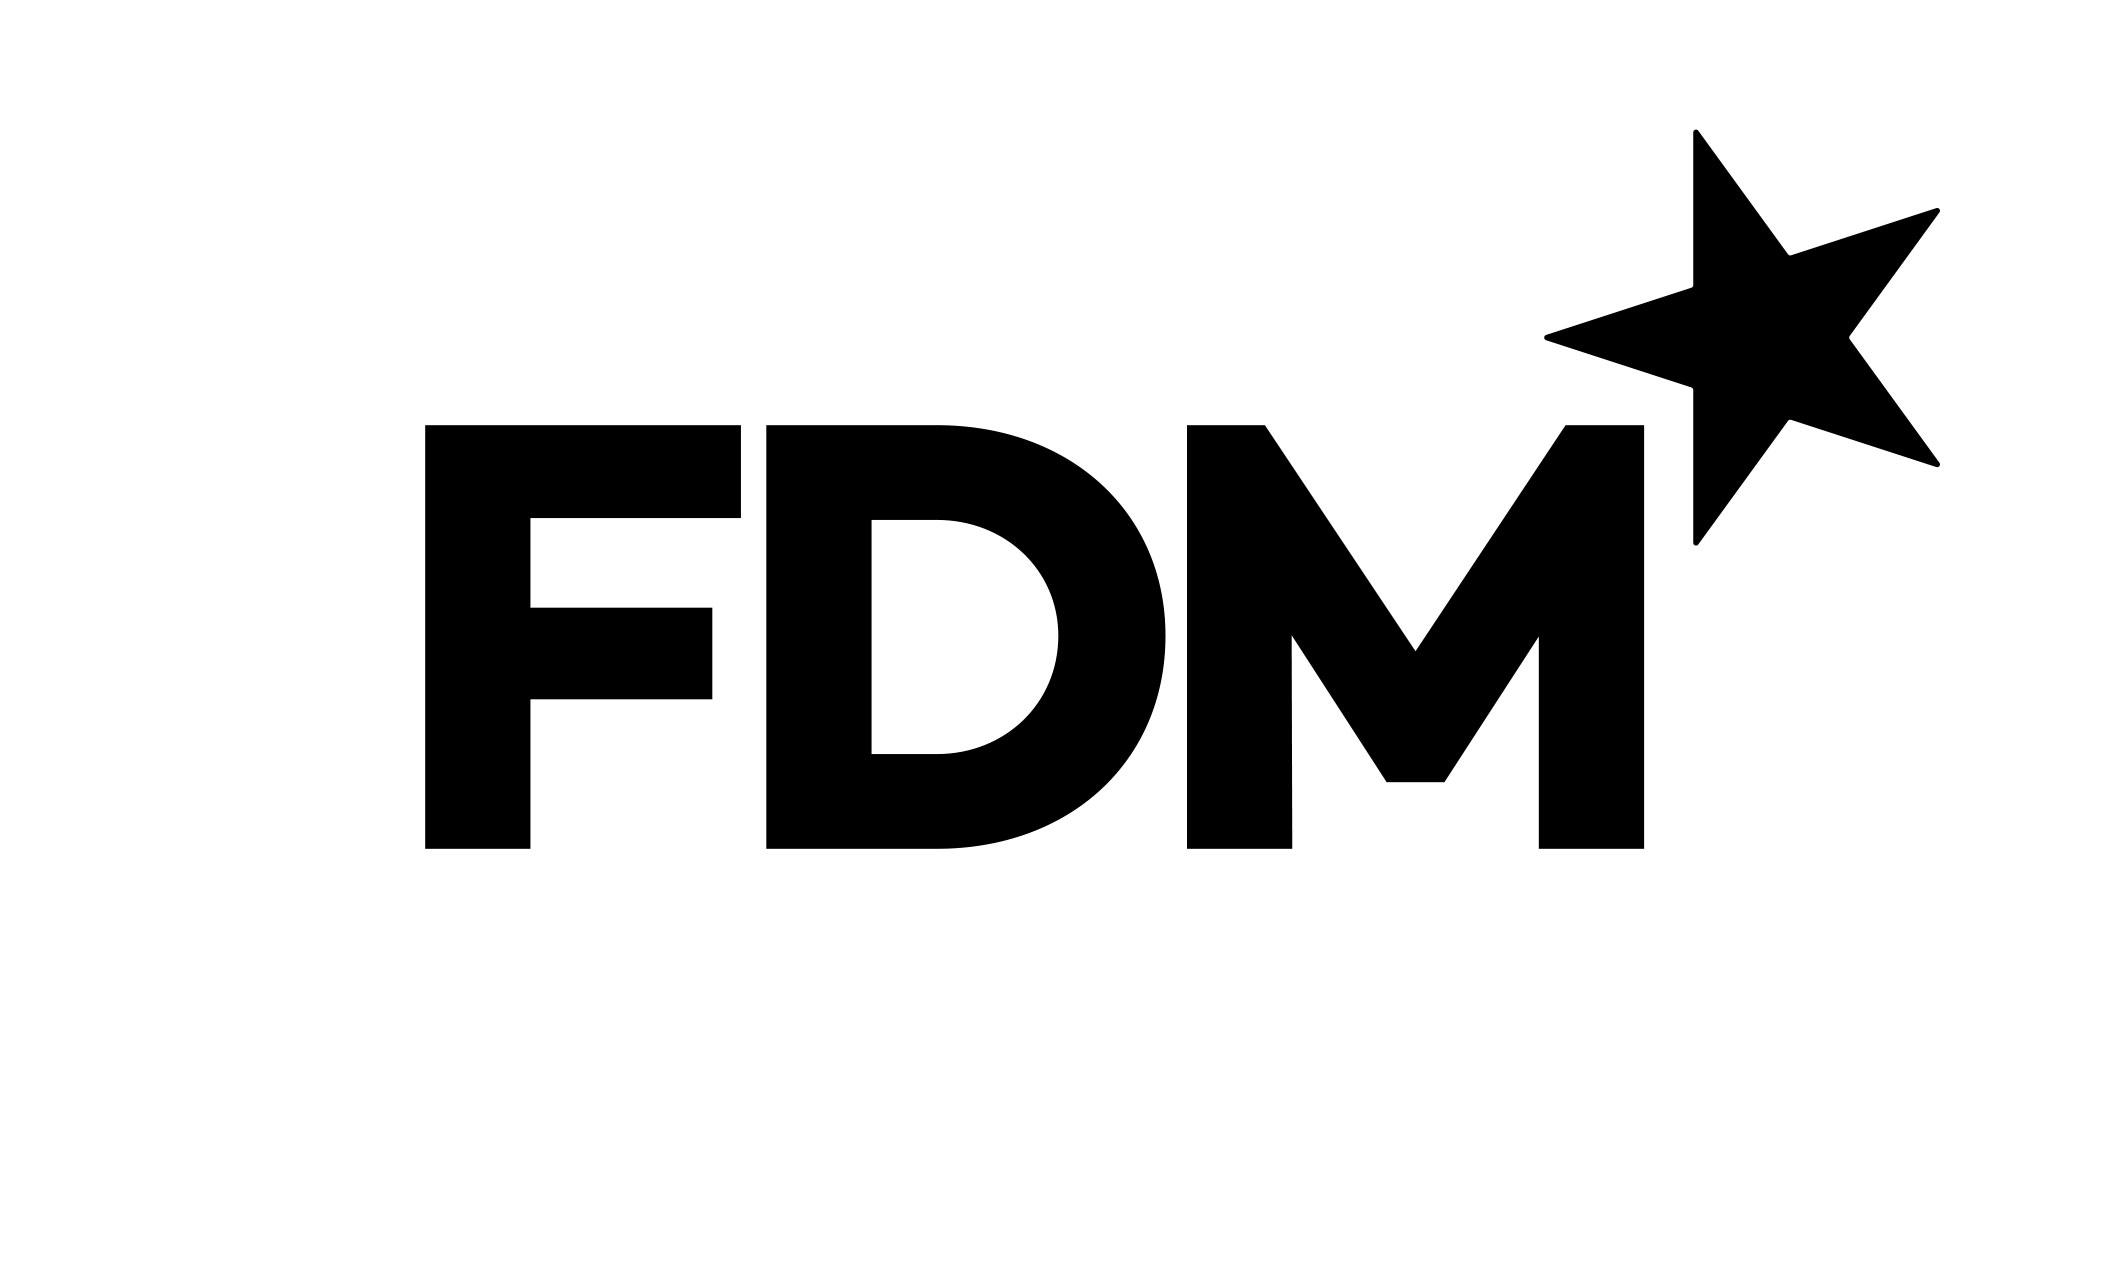 FDM Group - Wikipedia